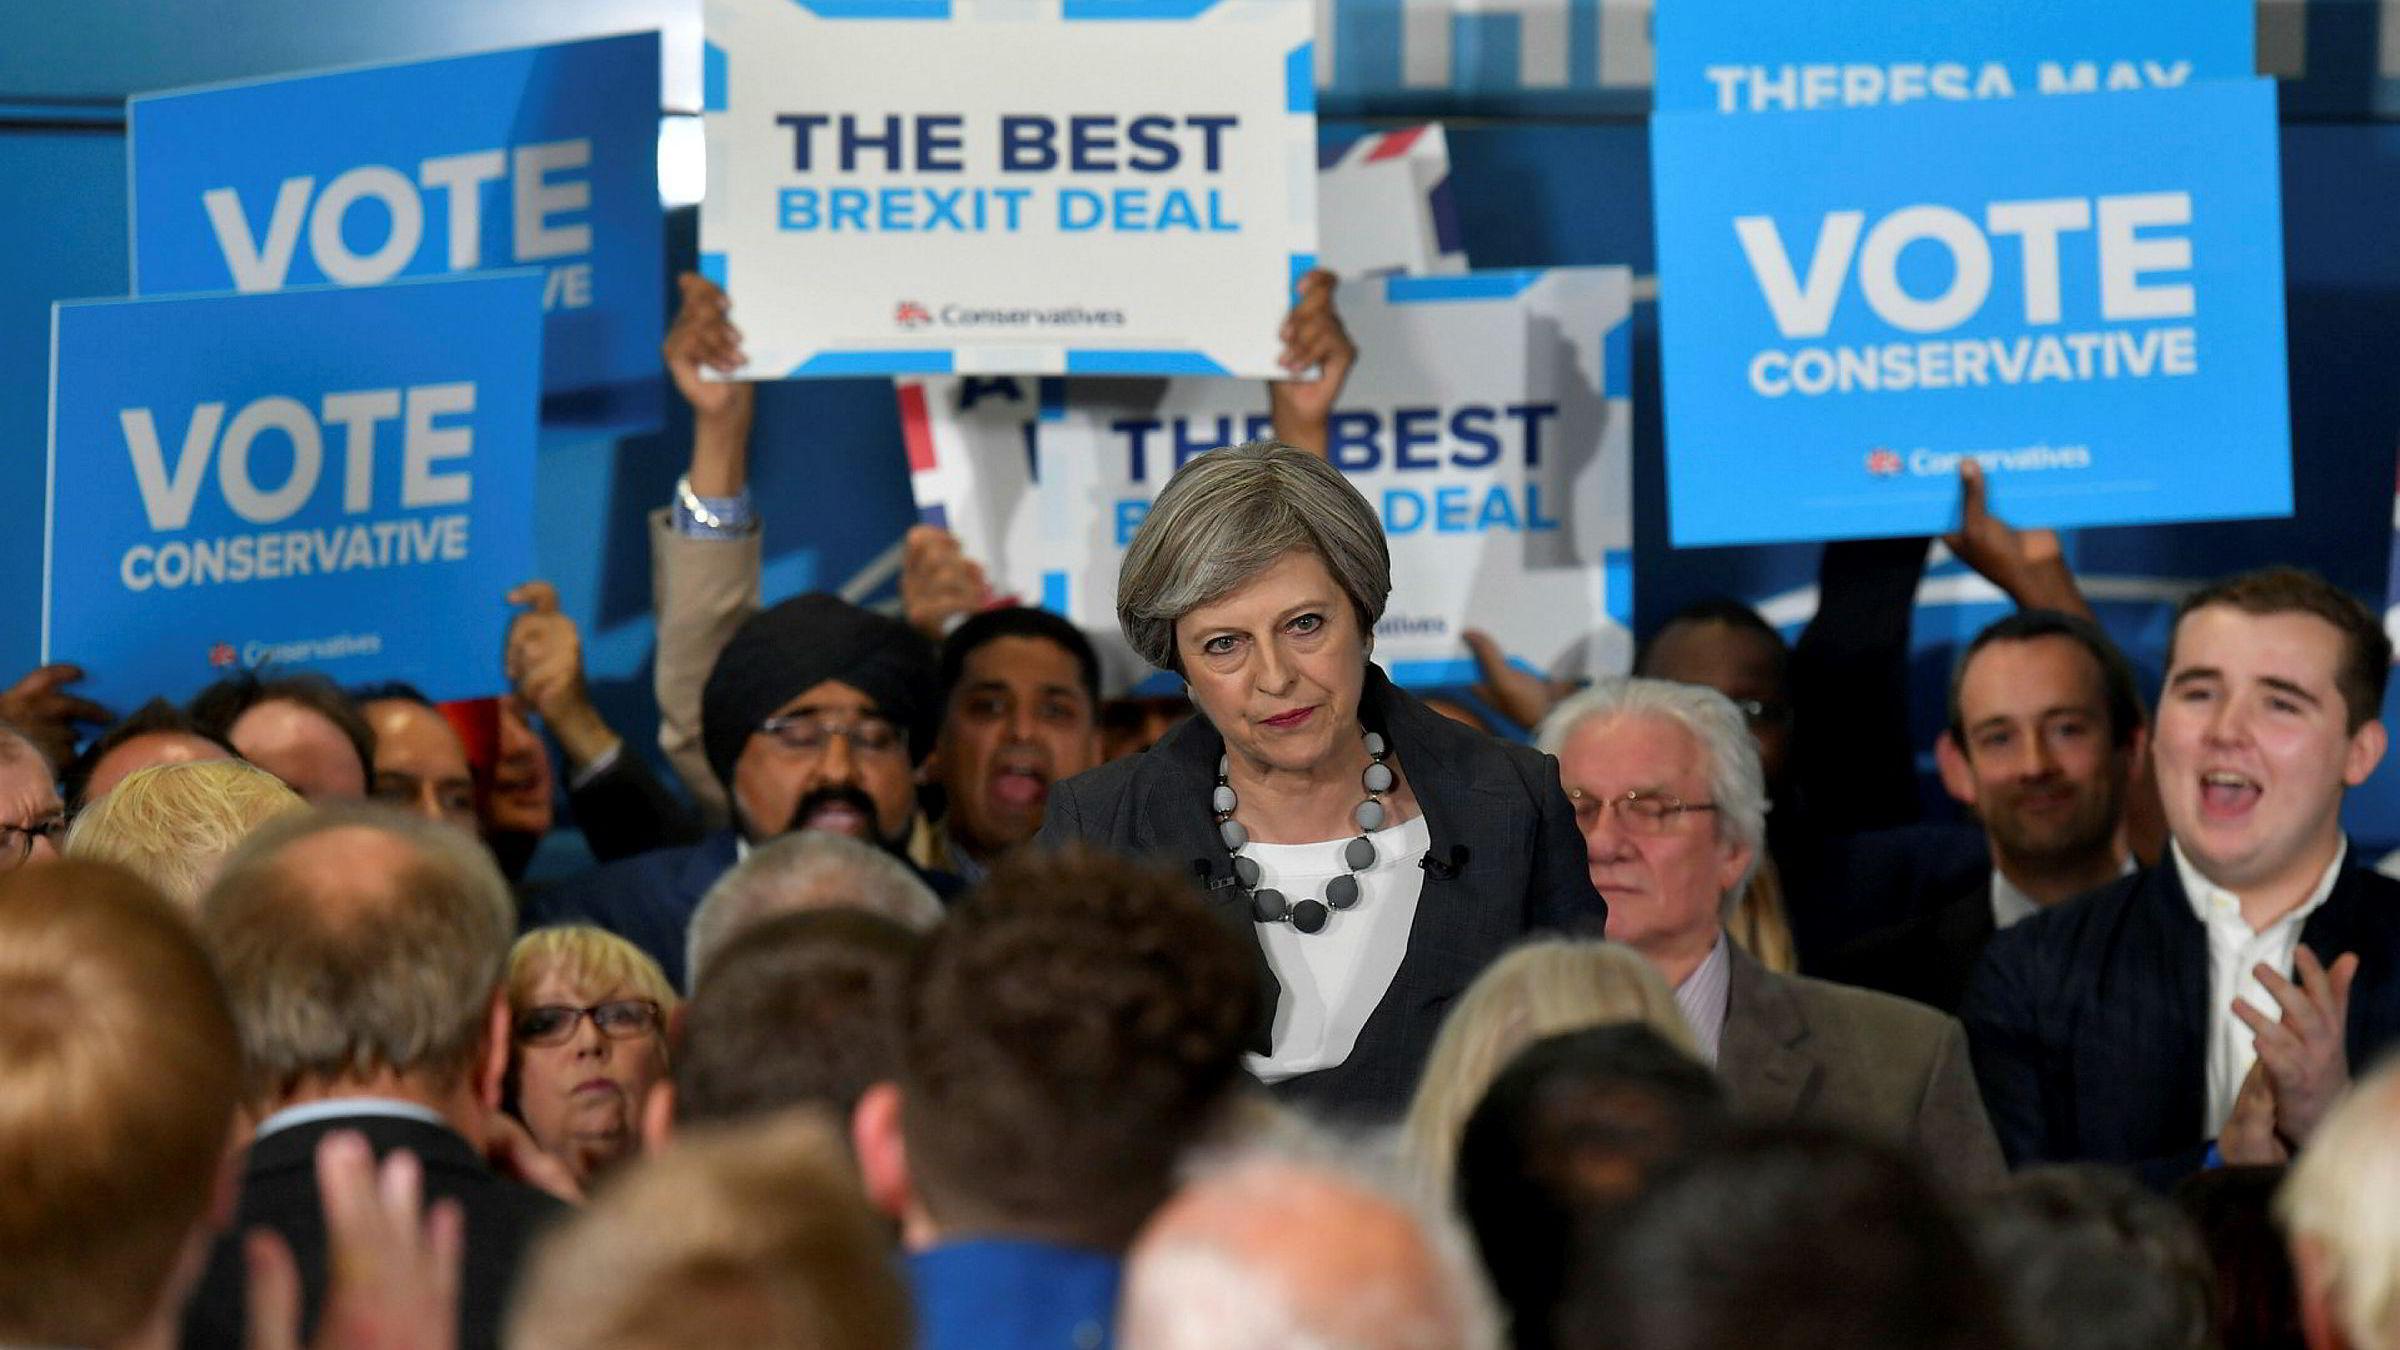 Det går mot et svært spennende valg i Storbritannia. Statsminister Theresa May (bildet) drev tirsdag valgkamp i Slough i sørøst-England.